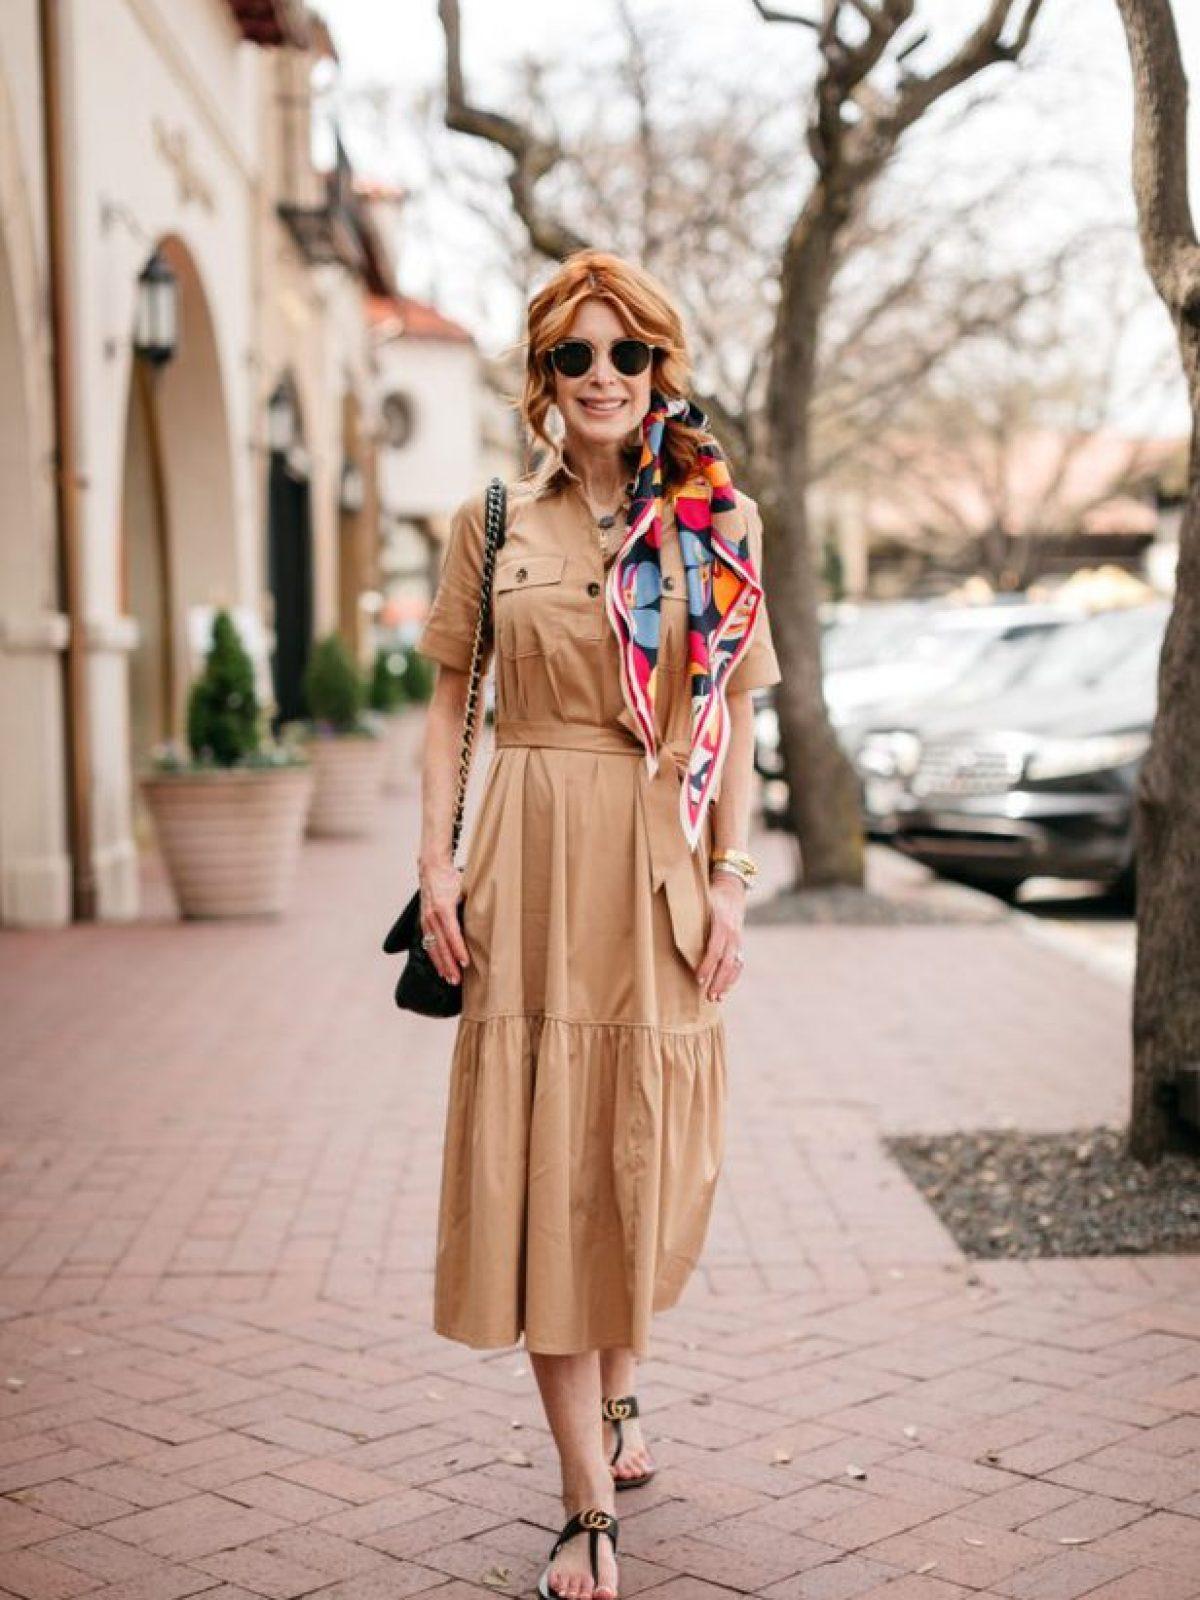 on-the-go dress ideas